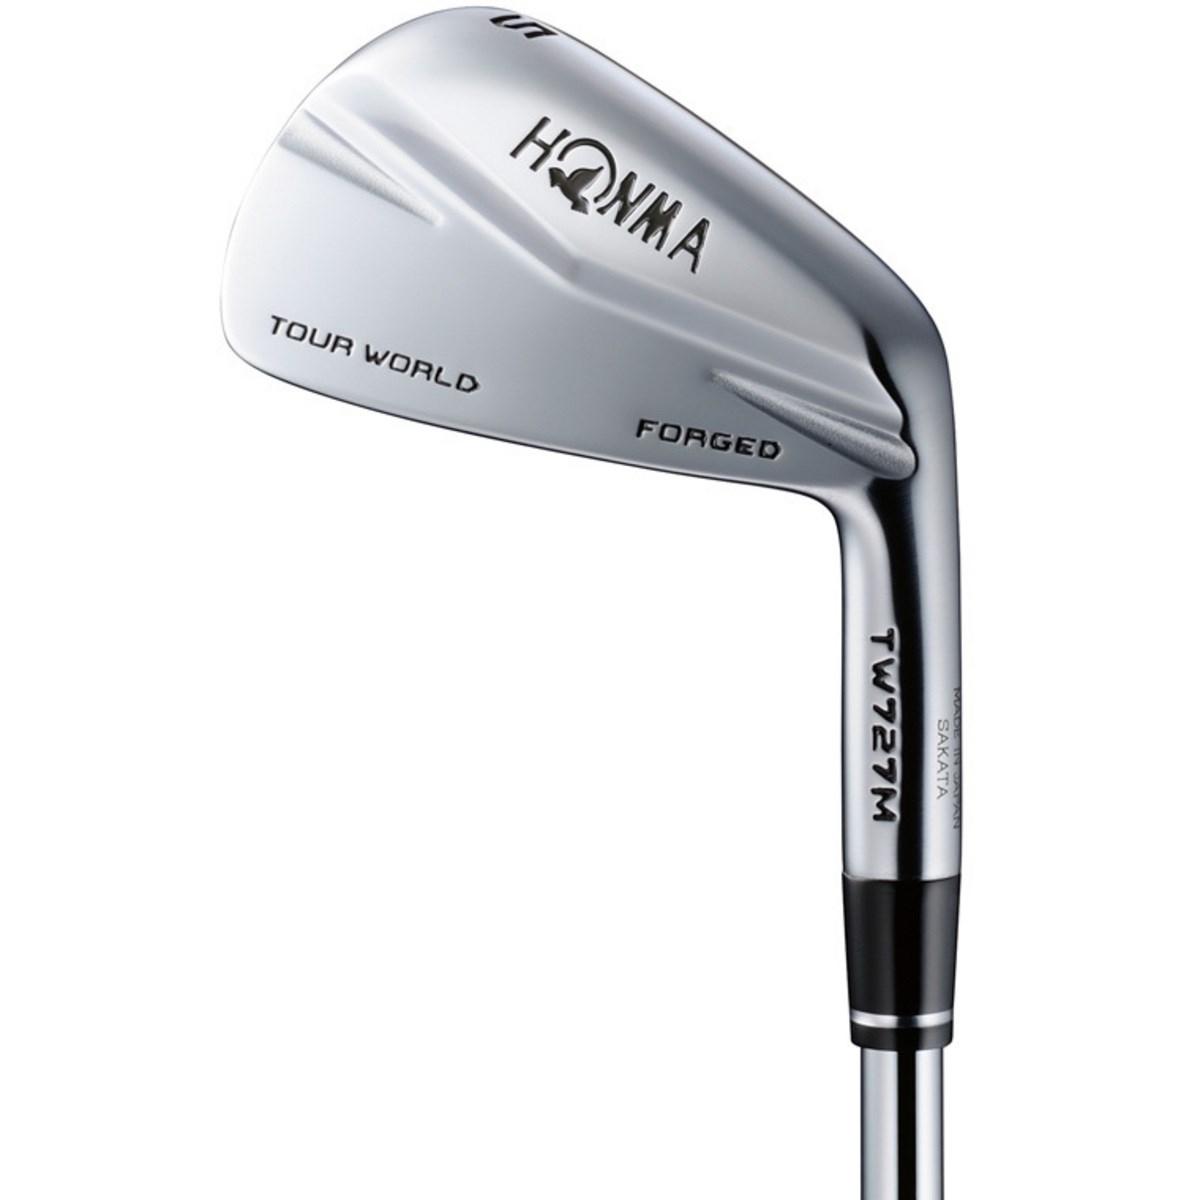 本間ゴルフ TW727M アイアン(単品) VIZARD IB105